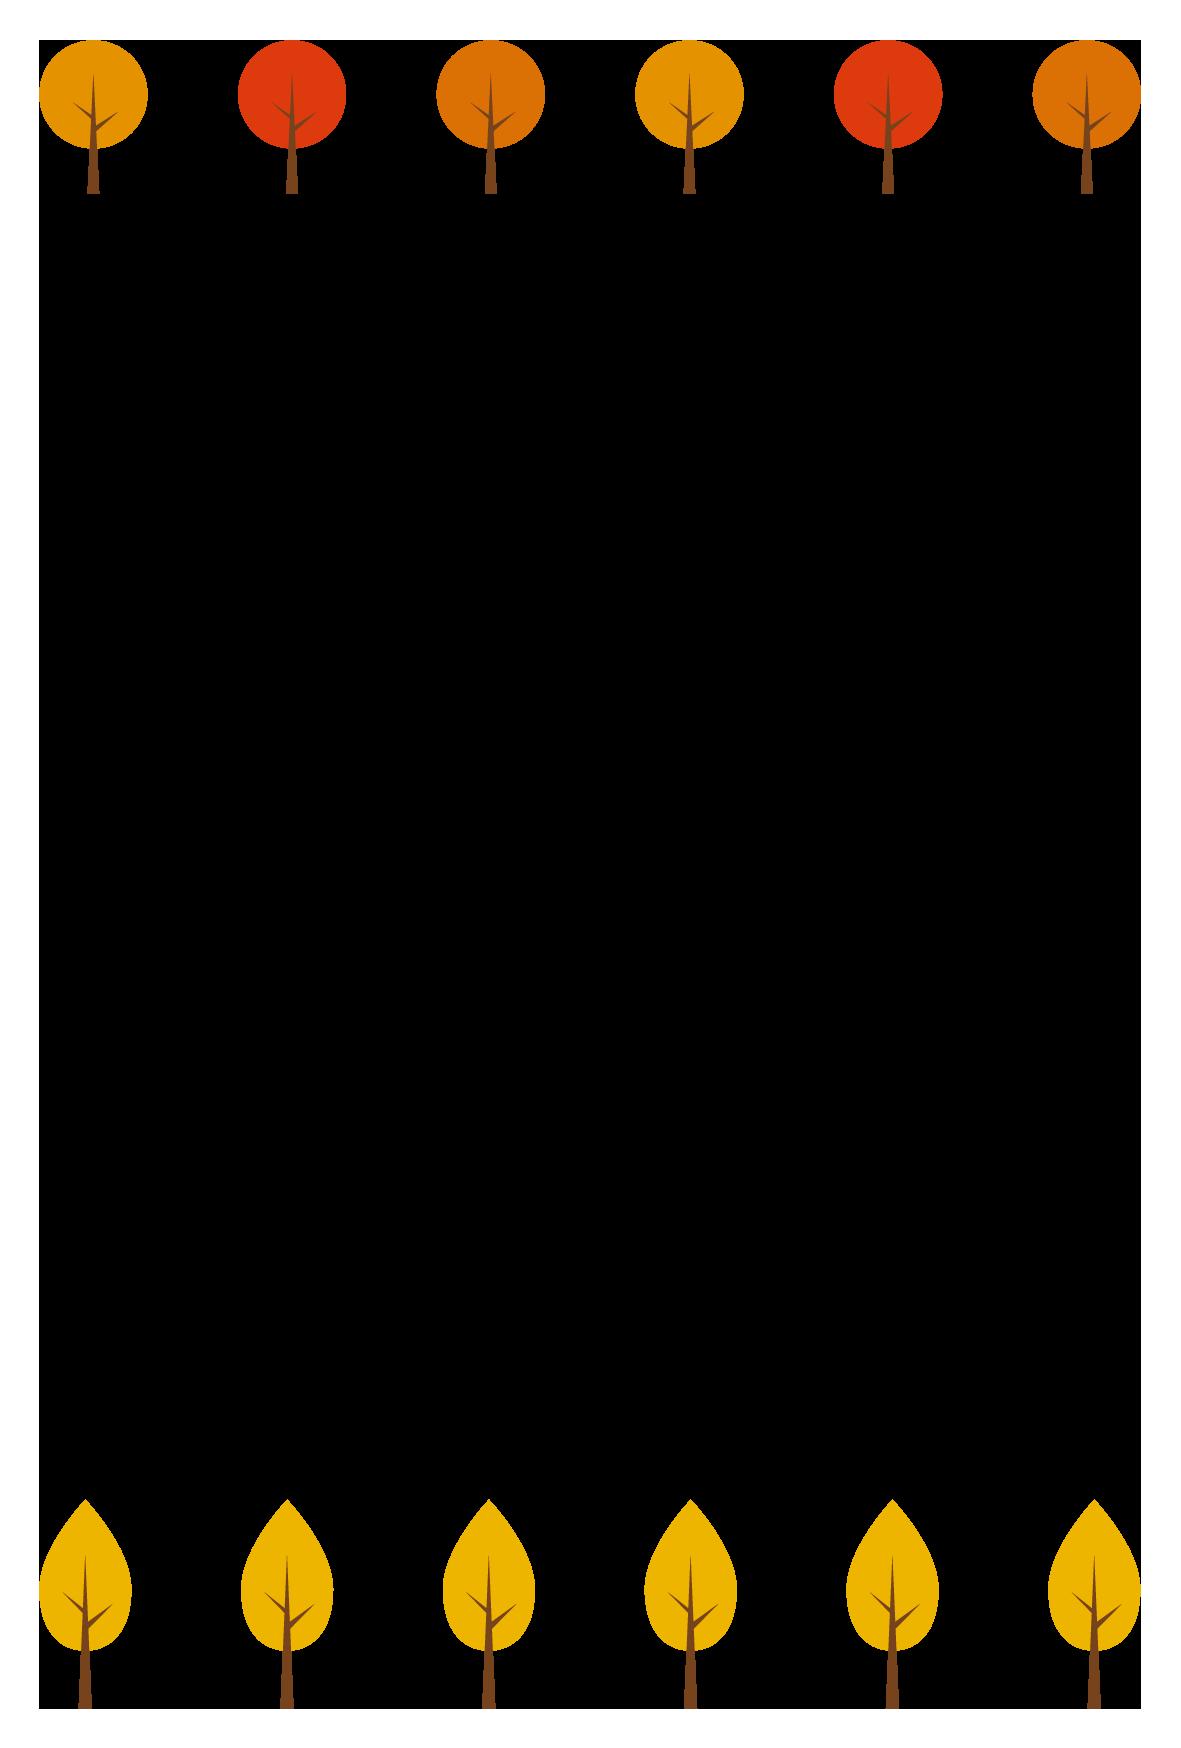 秋(紅葉した木)シンプル枠イラスト-縦 <無料> | イラストk